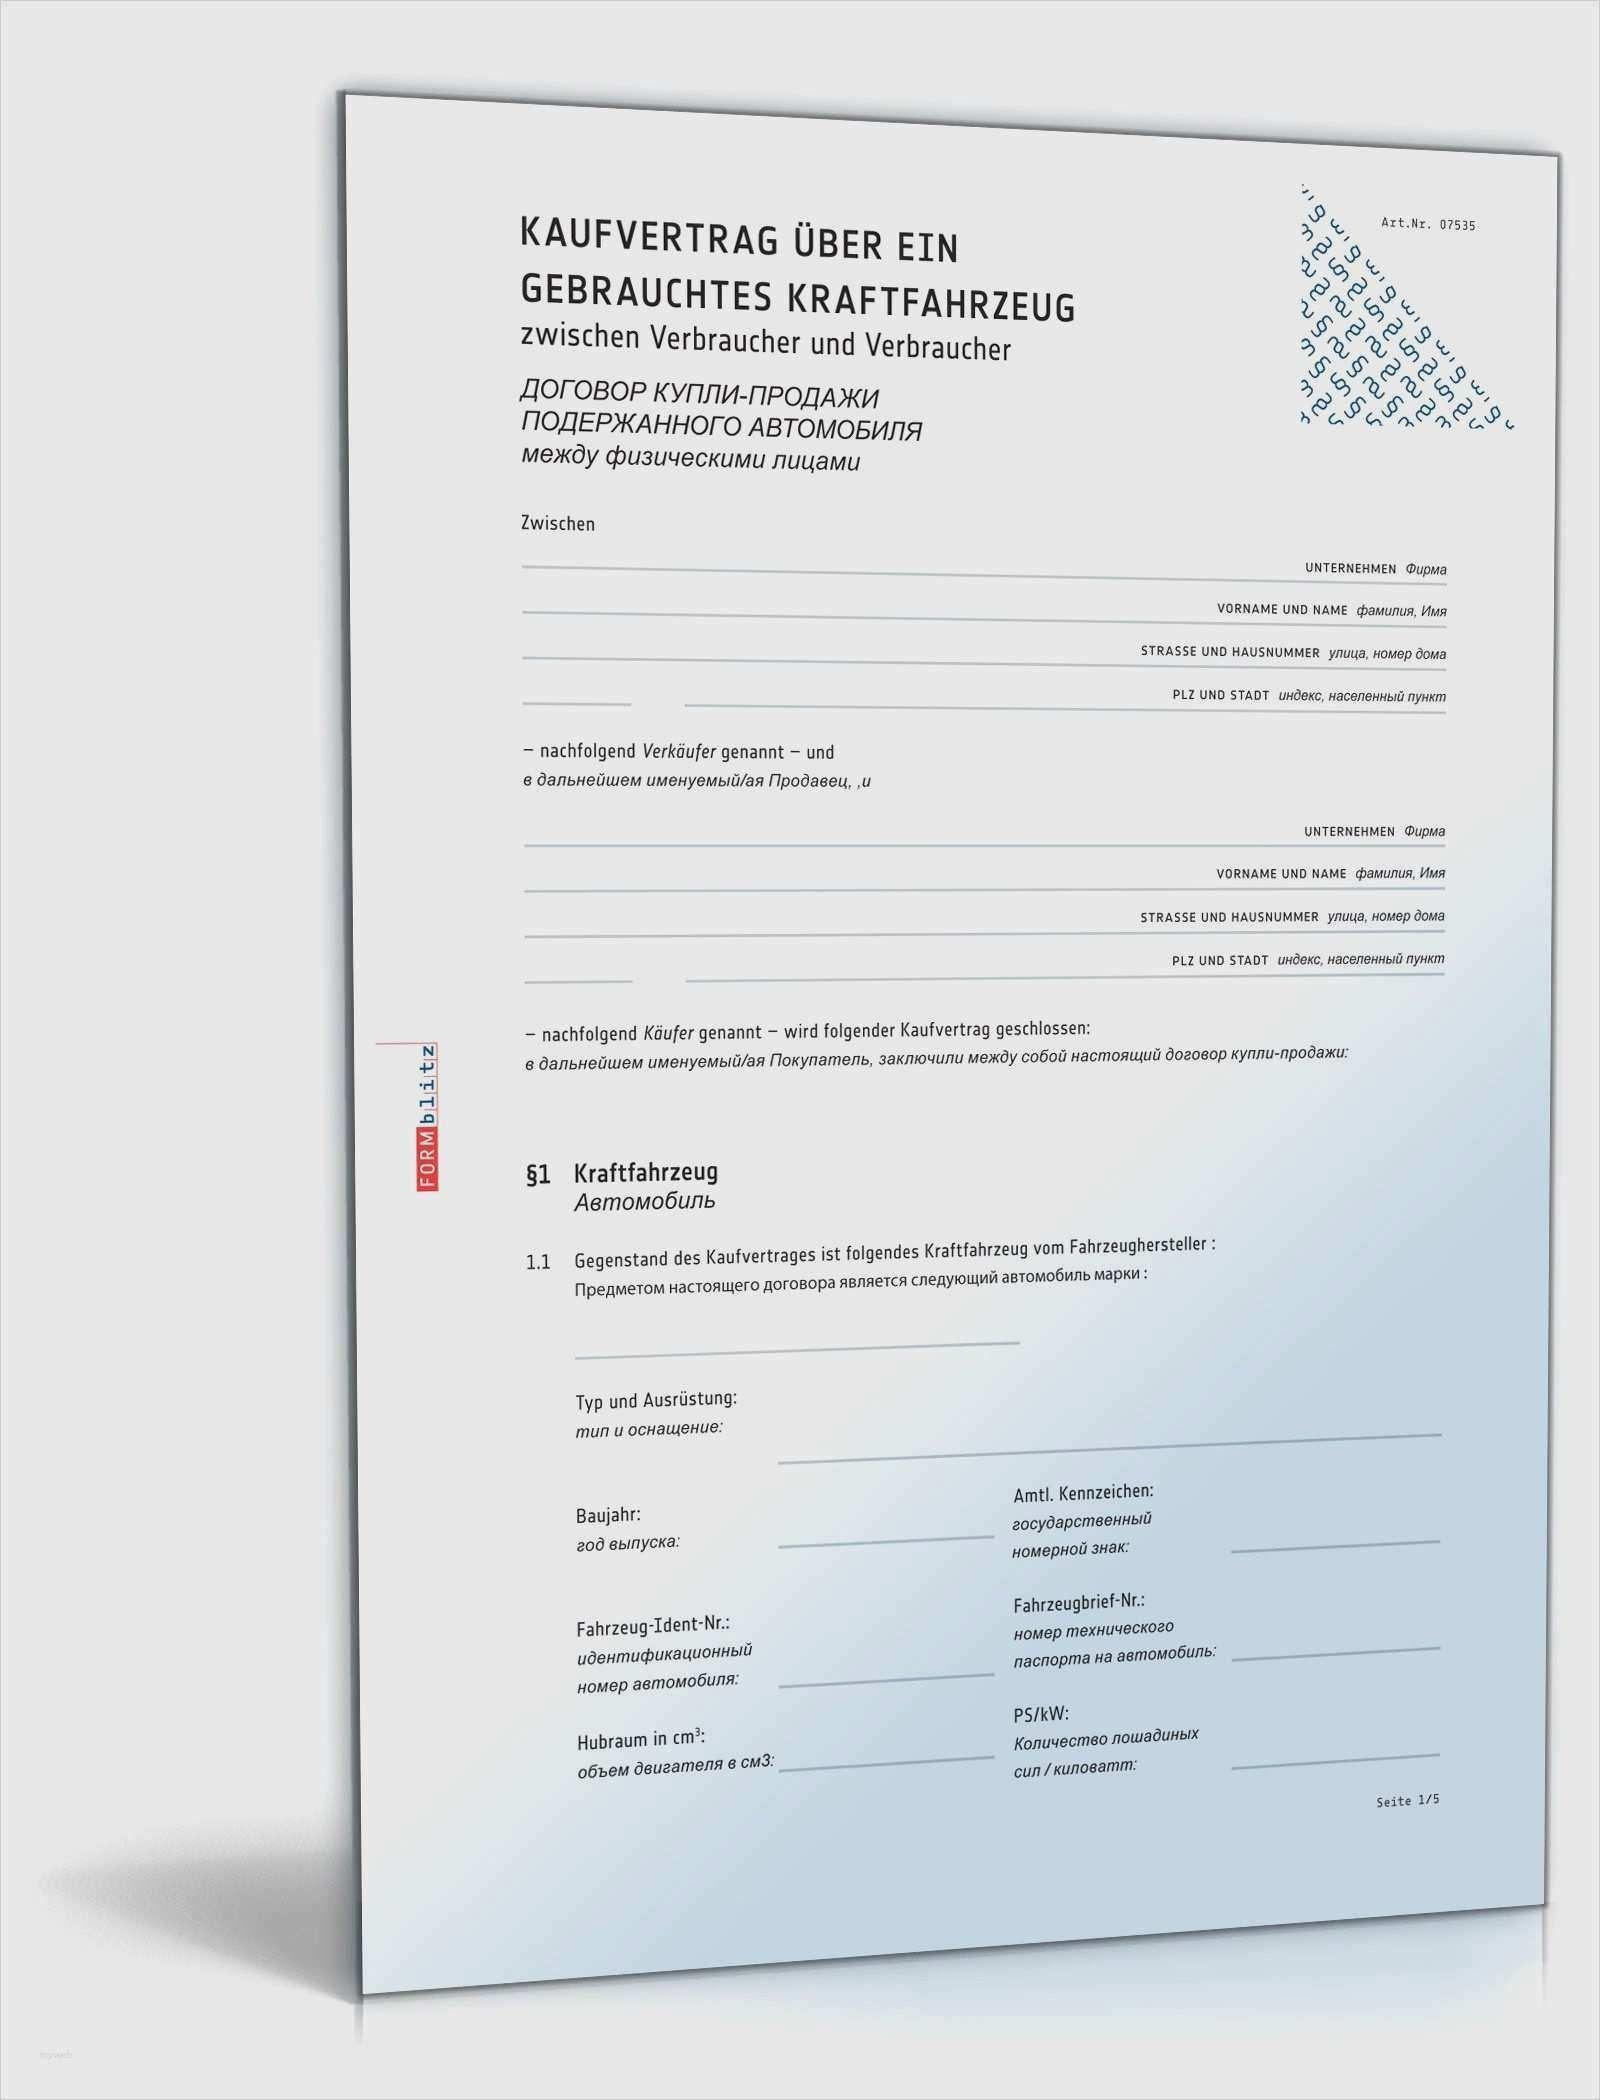 35 Elegant Axa Versicherung Kundigen Vorlage Bilder In 2020 Kfz Versicherung Versicherung Kundigen Vorlagen